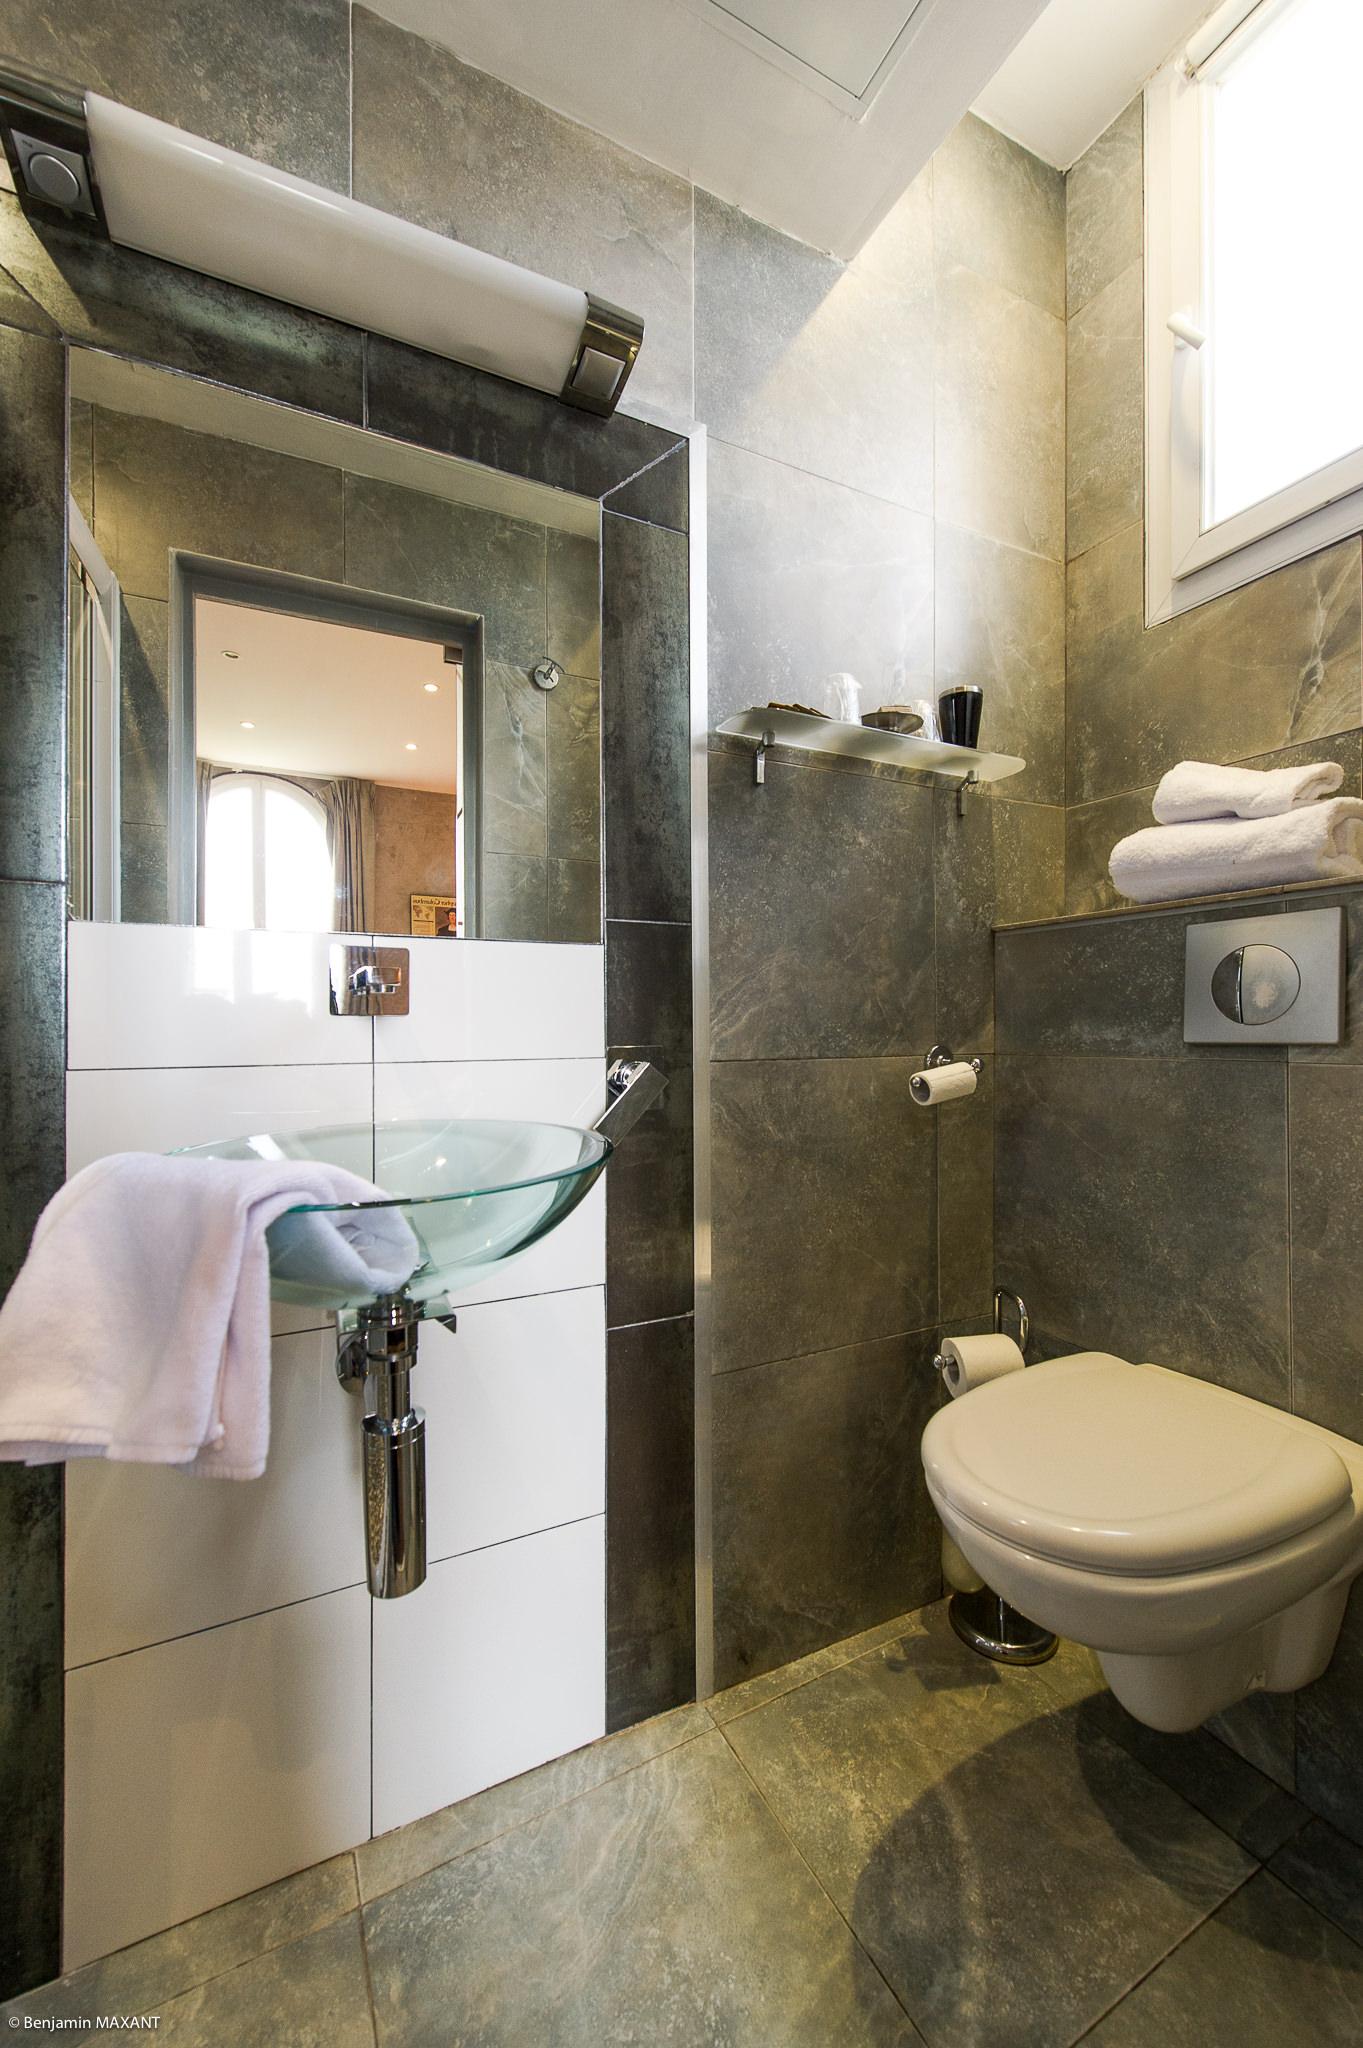 Reportage photo immobilier - Hôtel Idéal - salle de bains chambre inspiration africaine